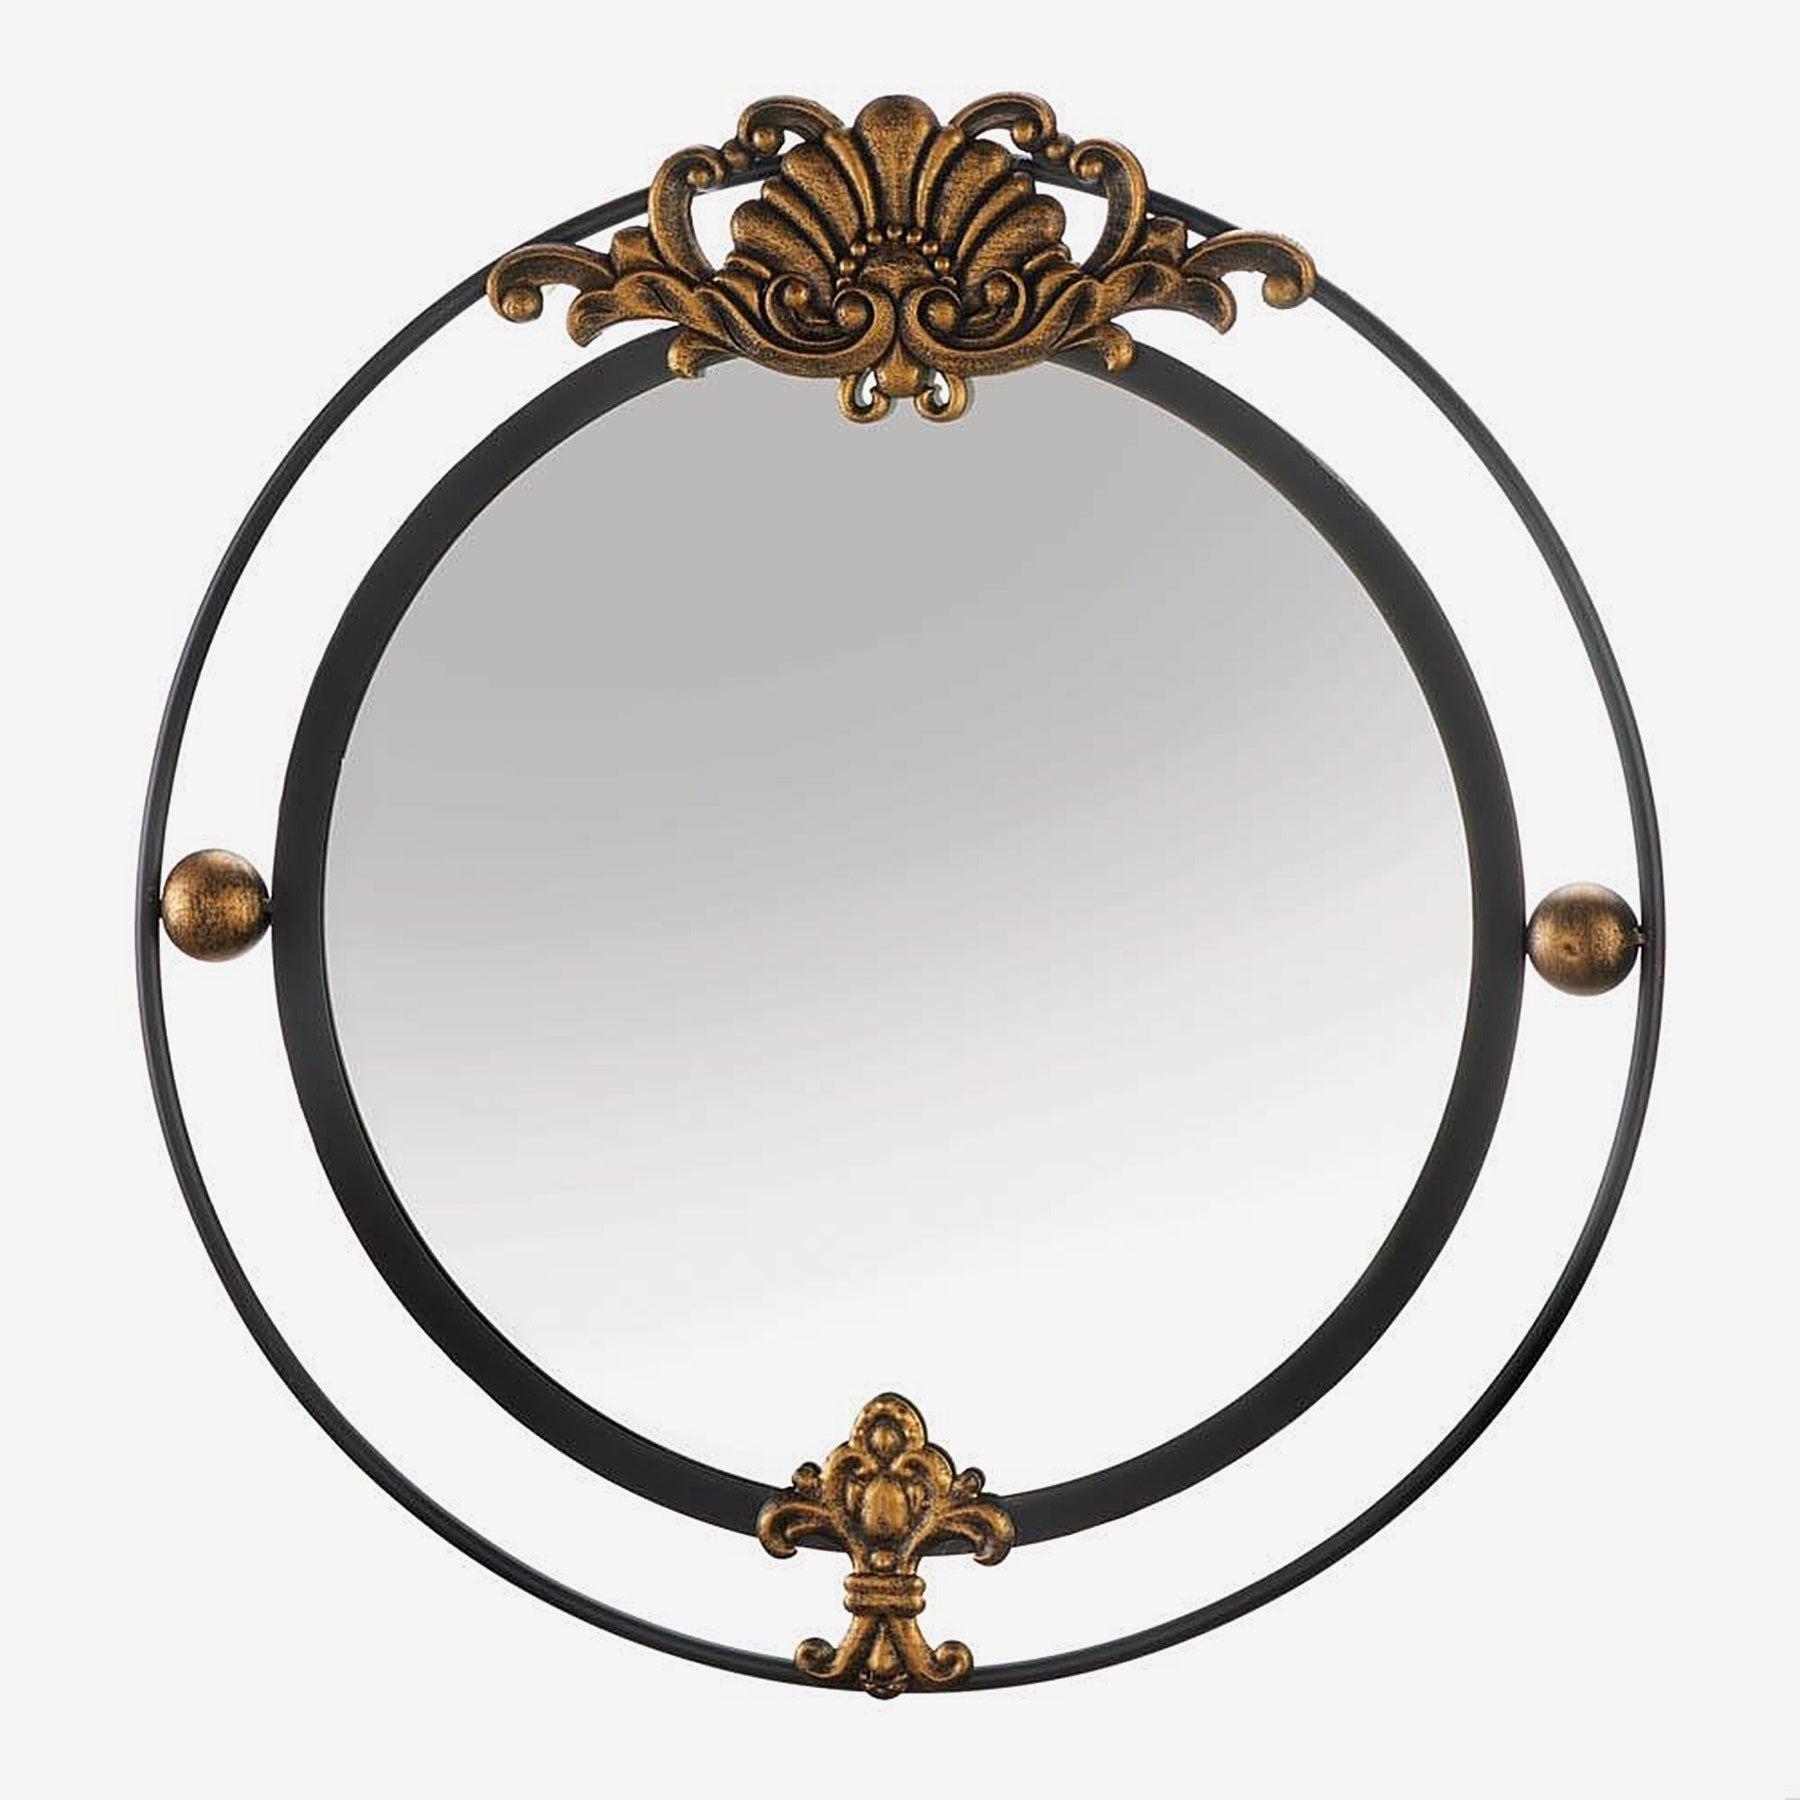 Garfield Decorative Round Wall Mirror – Black/gold With Decorative Round Wall Mirrors (Image 13 of 20)